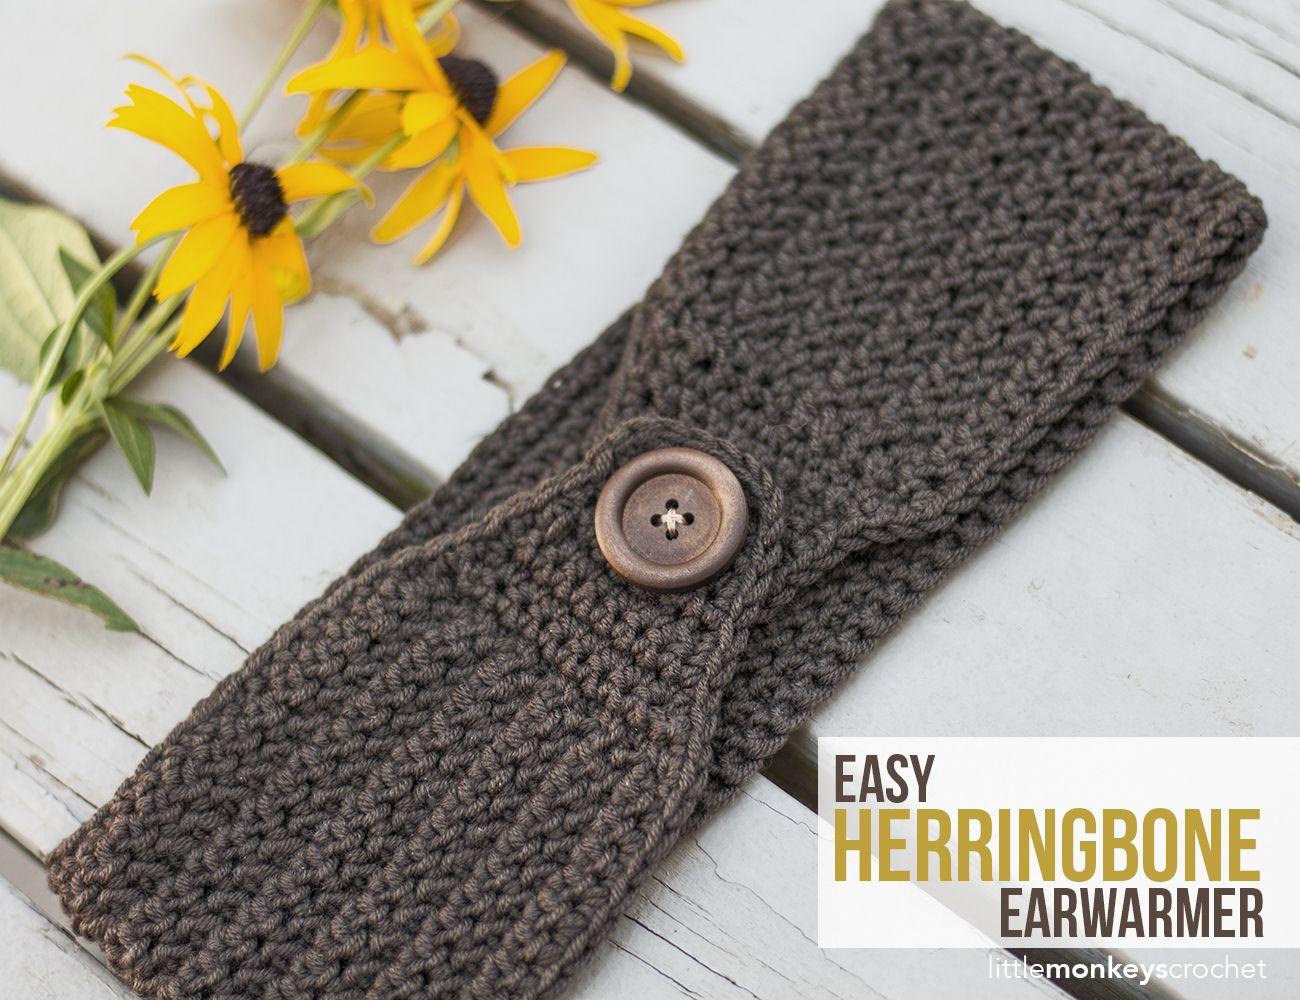 Easy Herringbone Earwarmer Crochet Pattern | Free button ear warmer ...